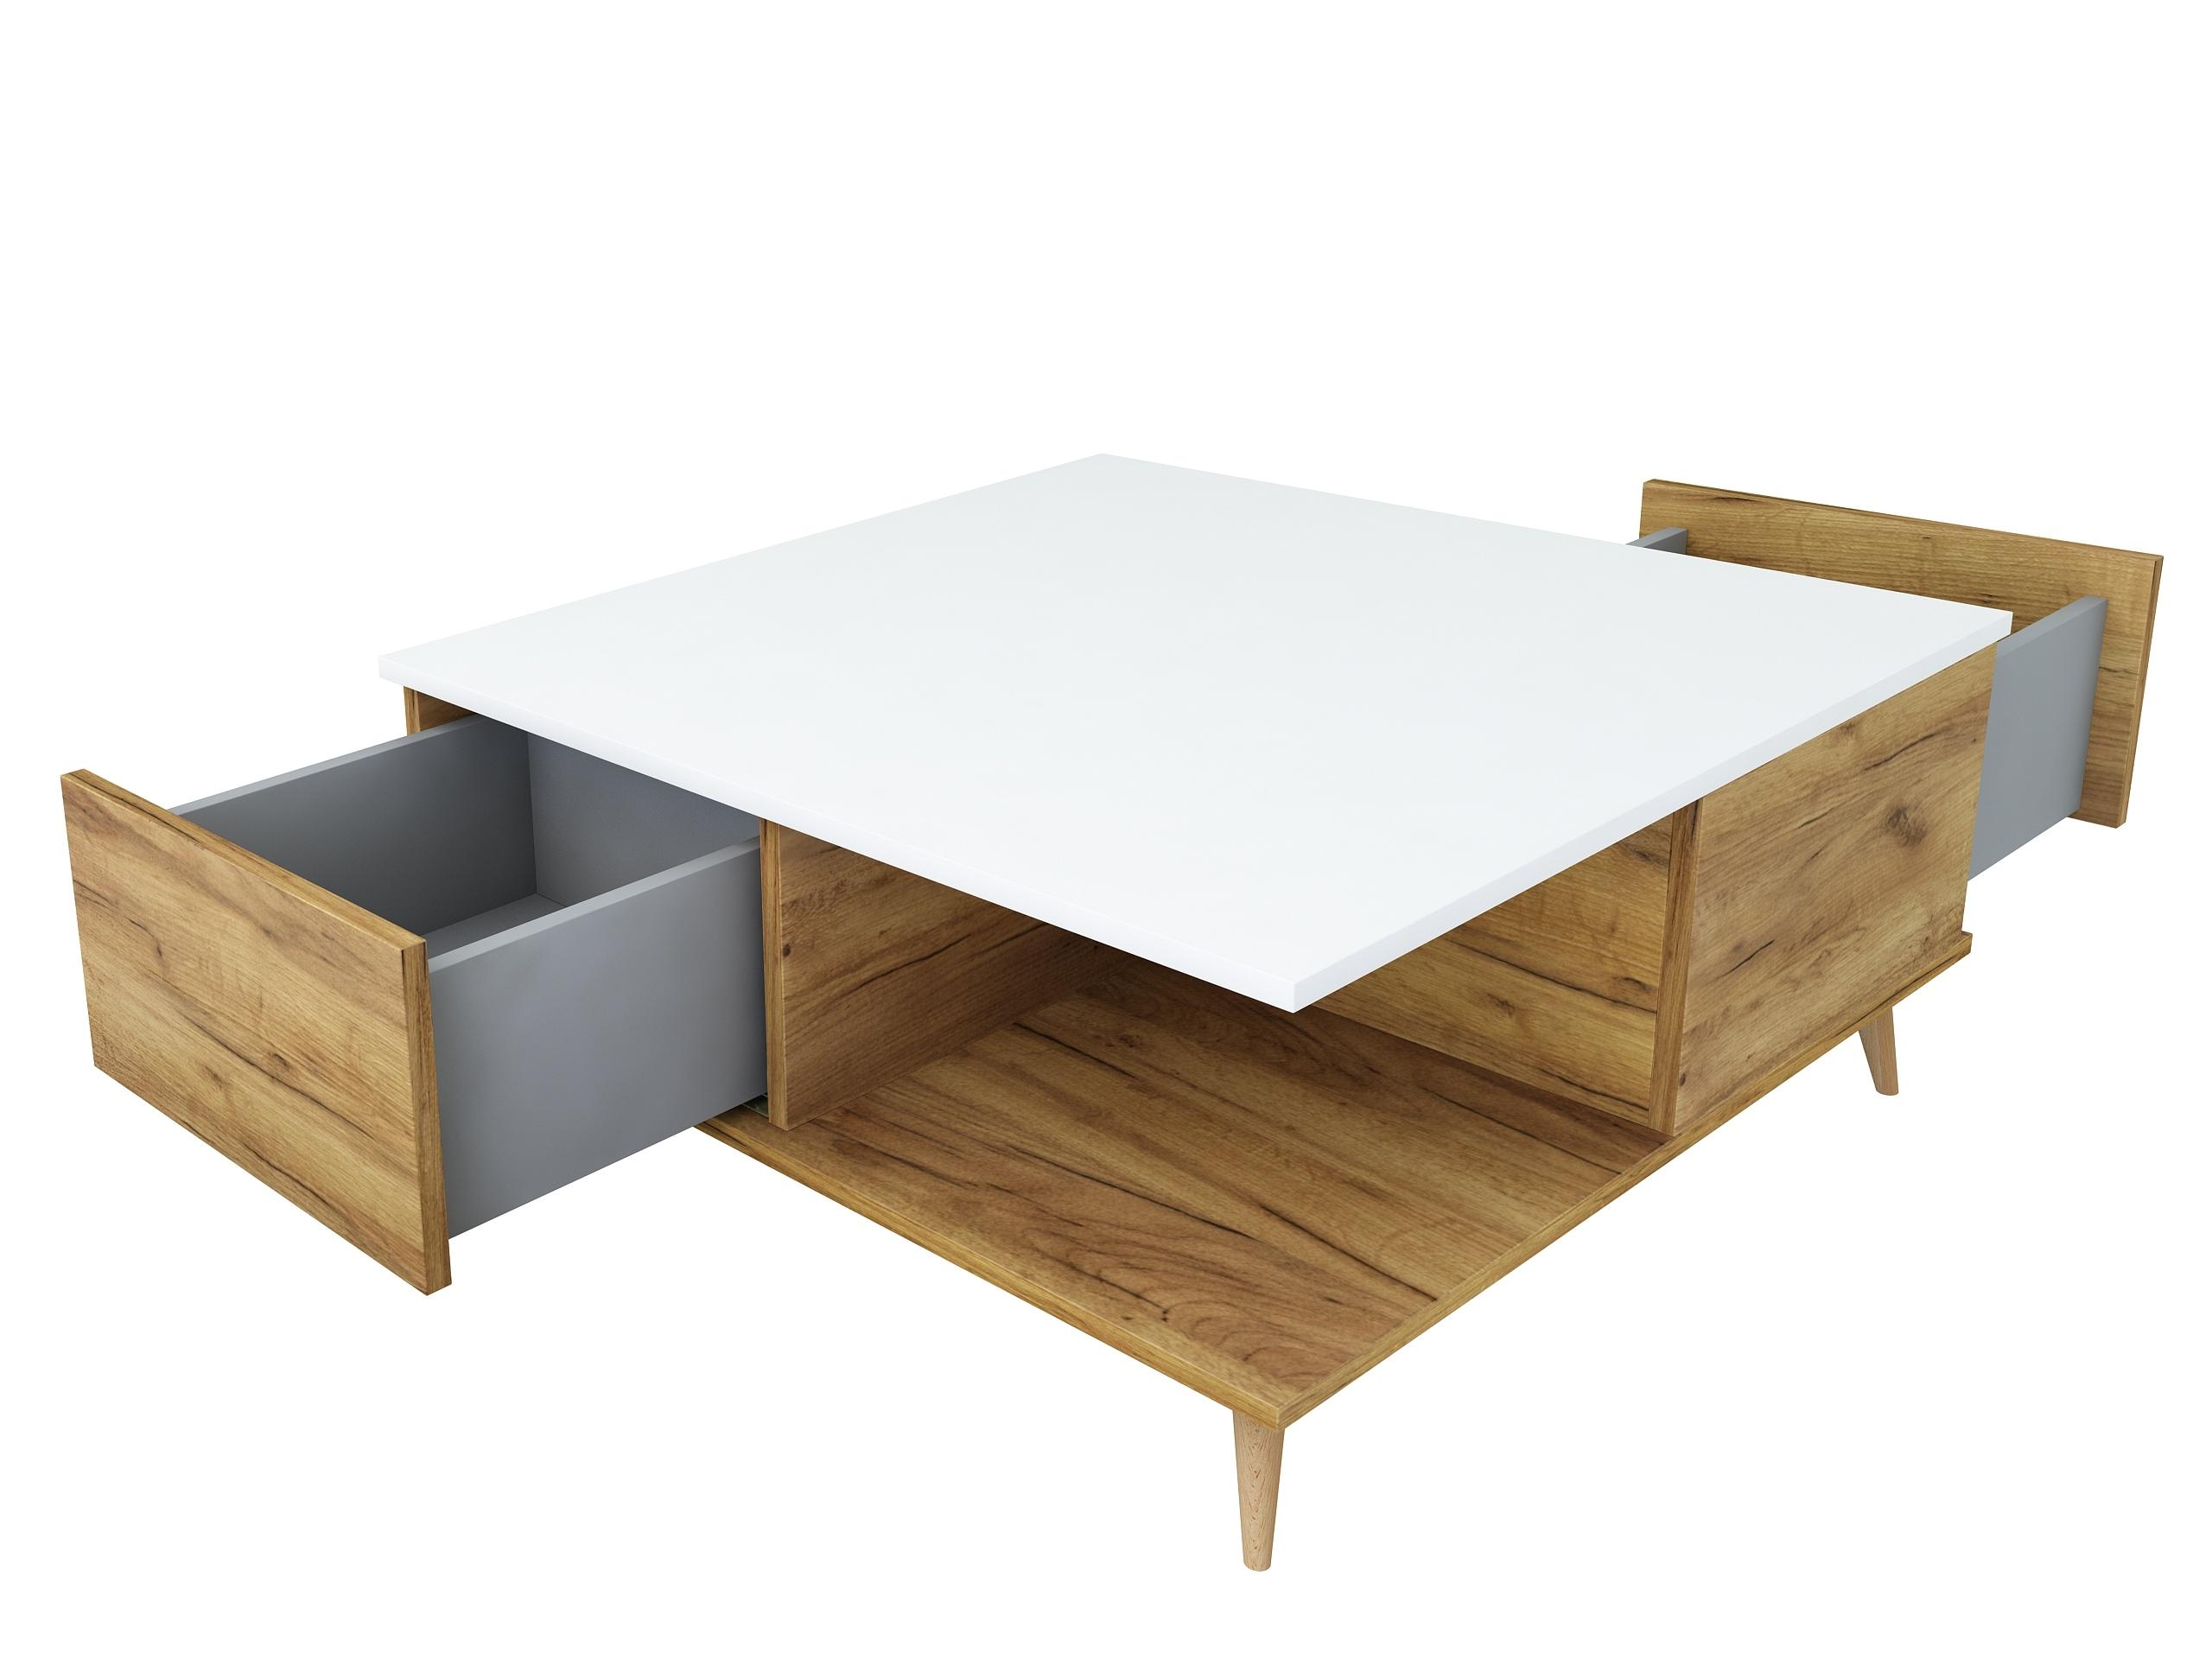 dąb złoty, dąb craft, biały mat, scandi, styl skandynawski, matowy stolik kawowy, stolik na nóżkach